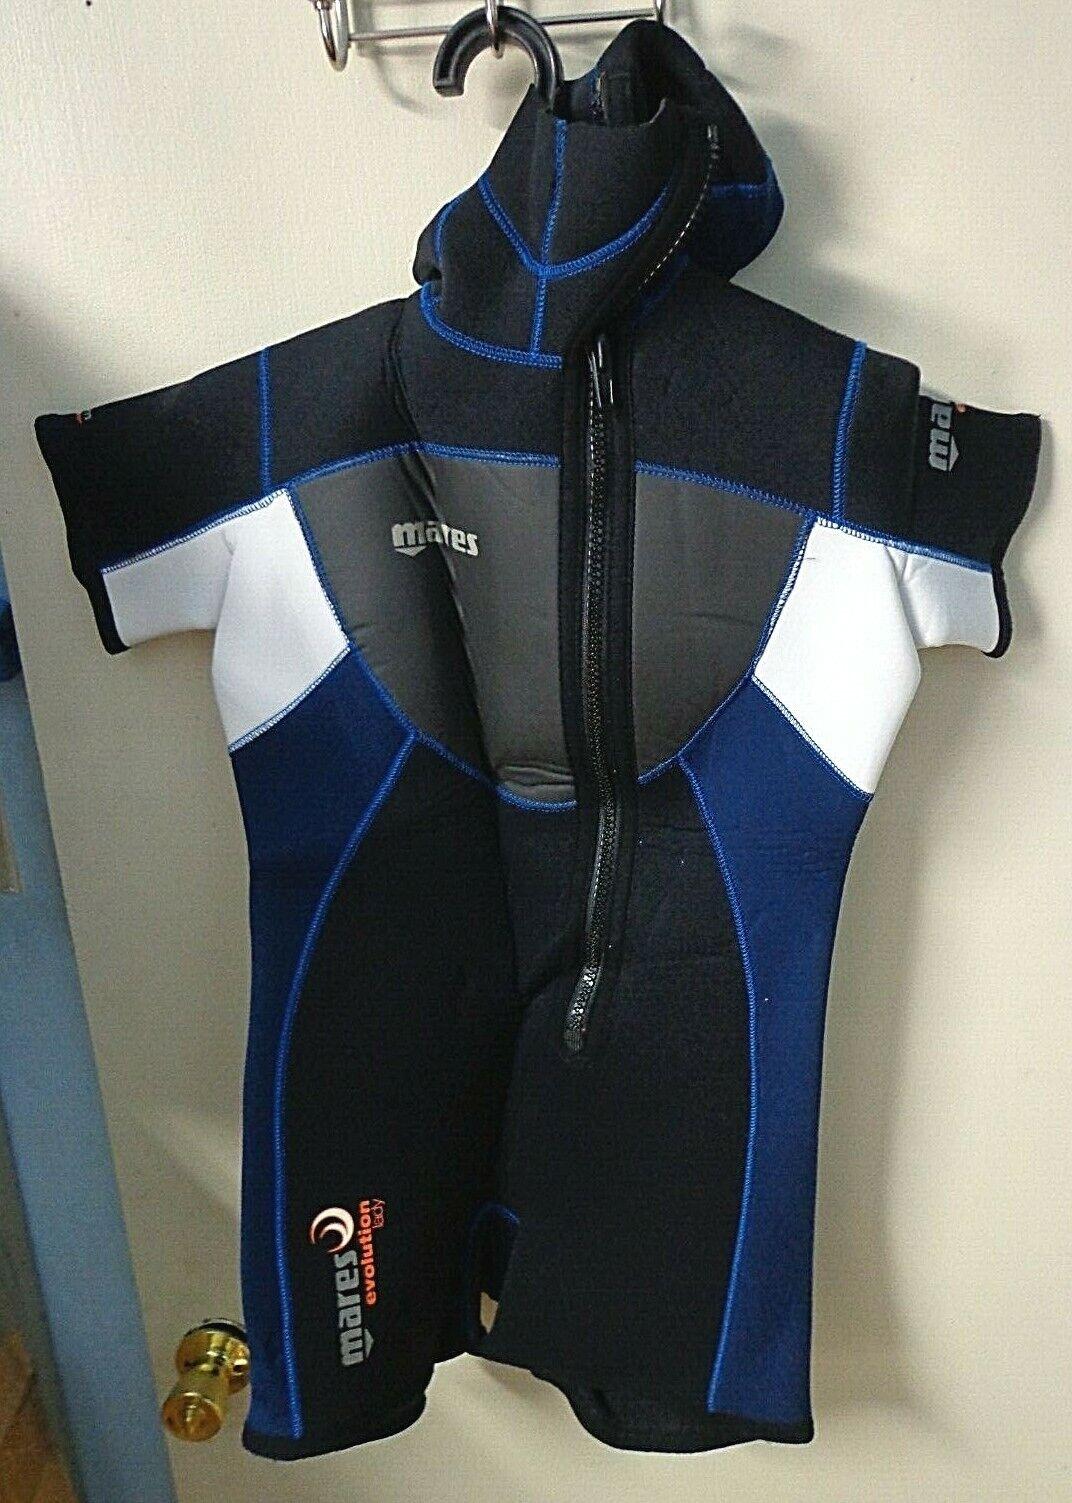 Mares 7+5mm Evolution Lady Wetsuit  w Hood Woman Size 4 Scuba Dive Diving 1-Piece  best prices